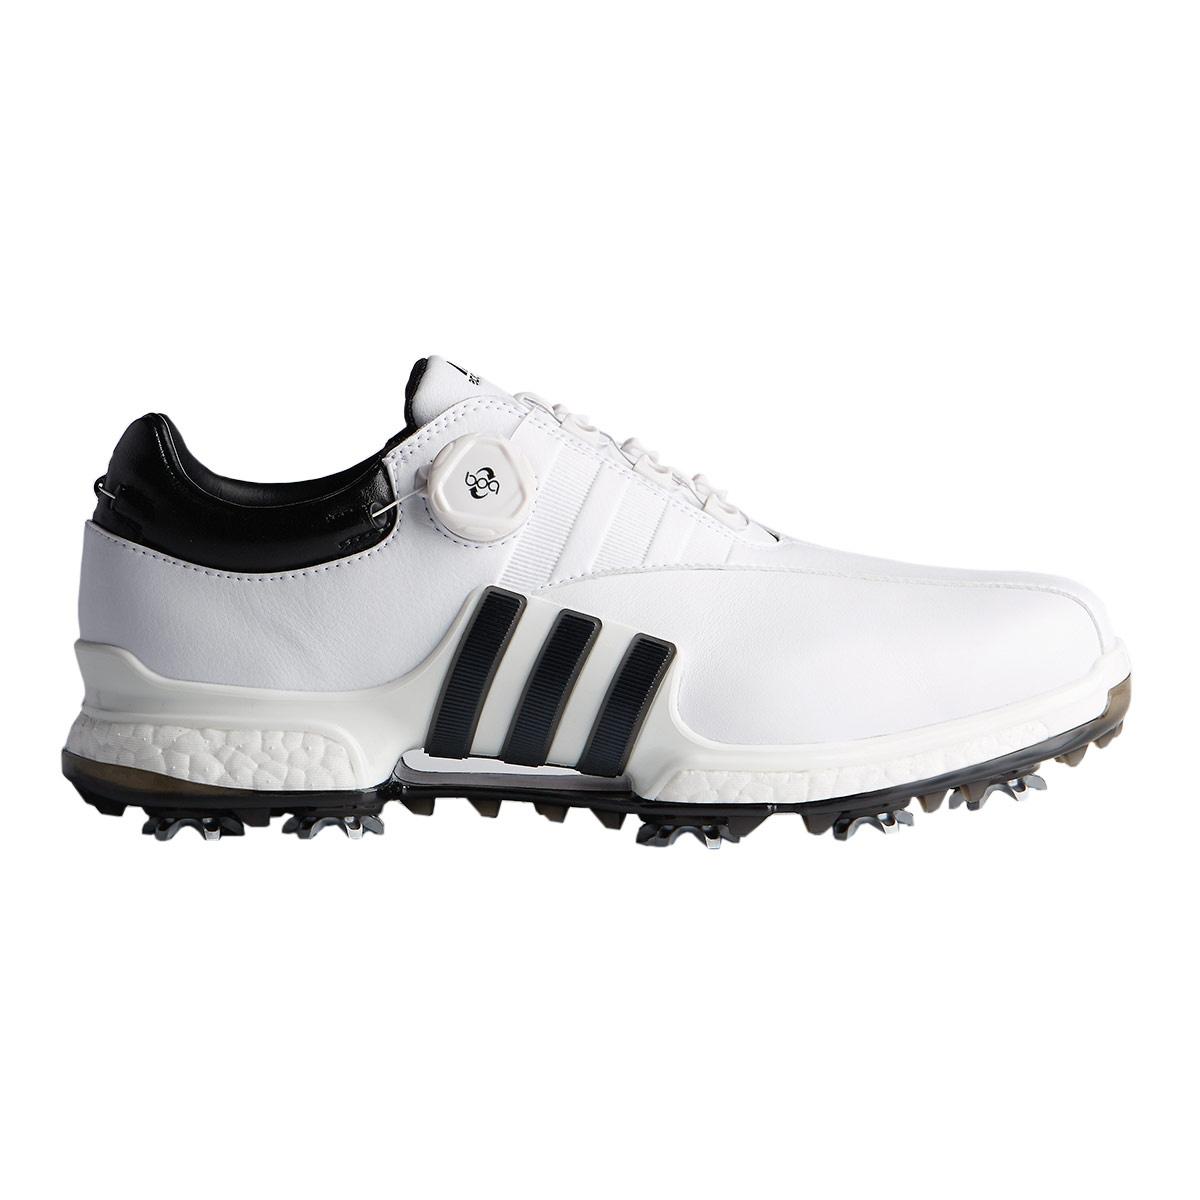 ekskluzywne buty sklep najnowsza kolekcja adidas Golf Tour360 BOA 2.0 Shoes